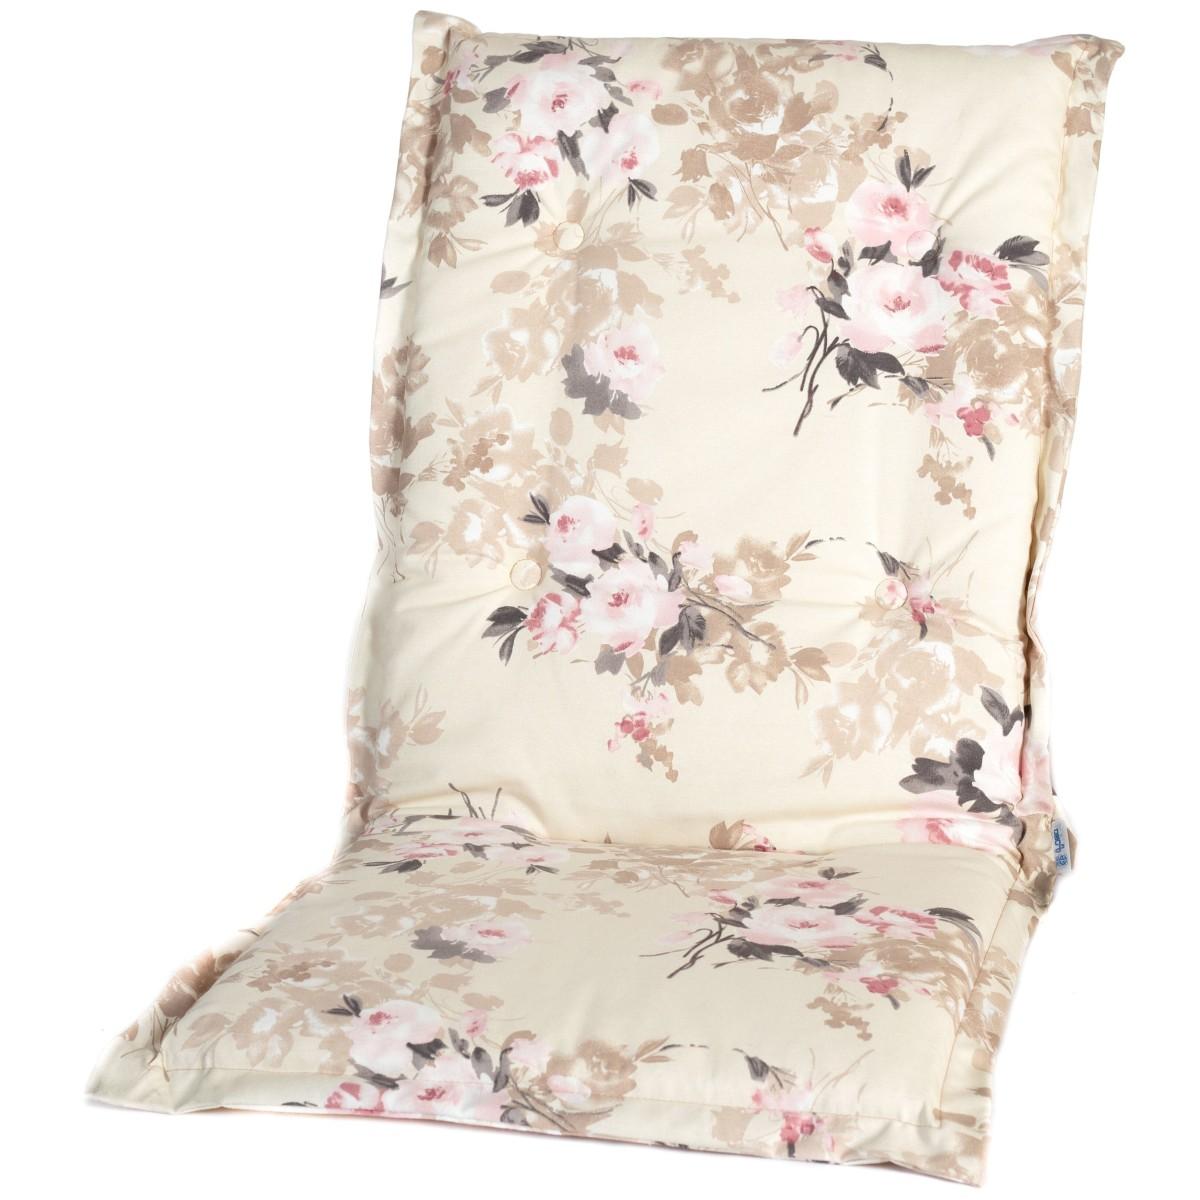 Подушка на кресло Ницца поликоттон розовые цветы на бежевом